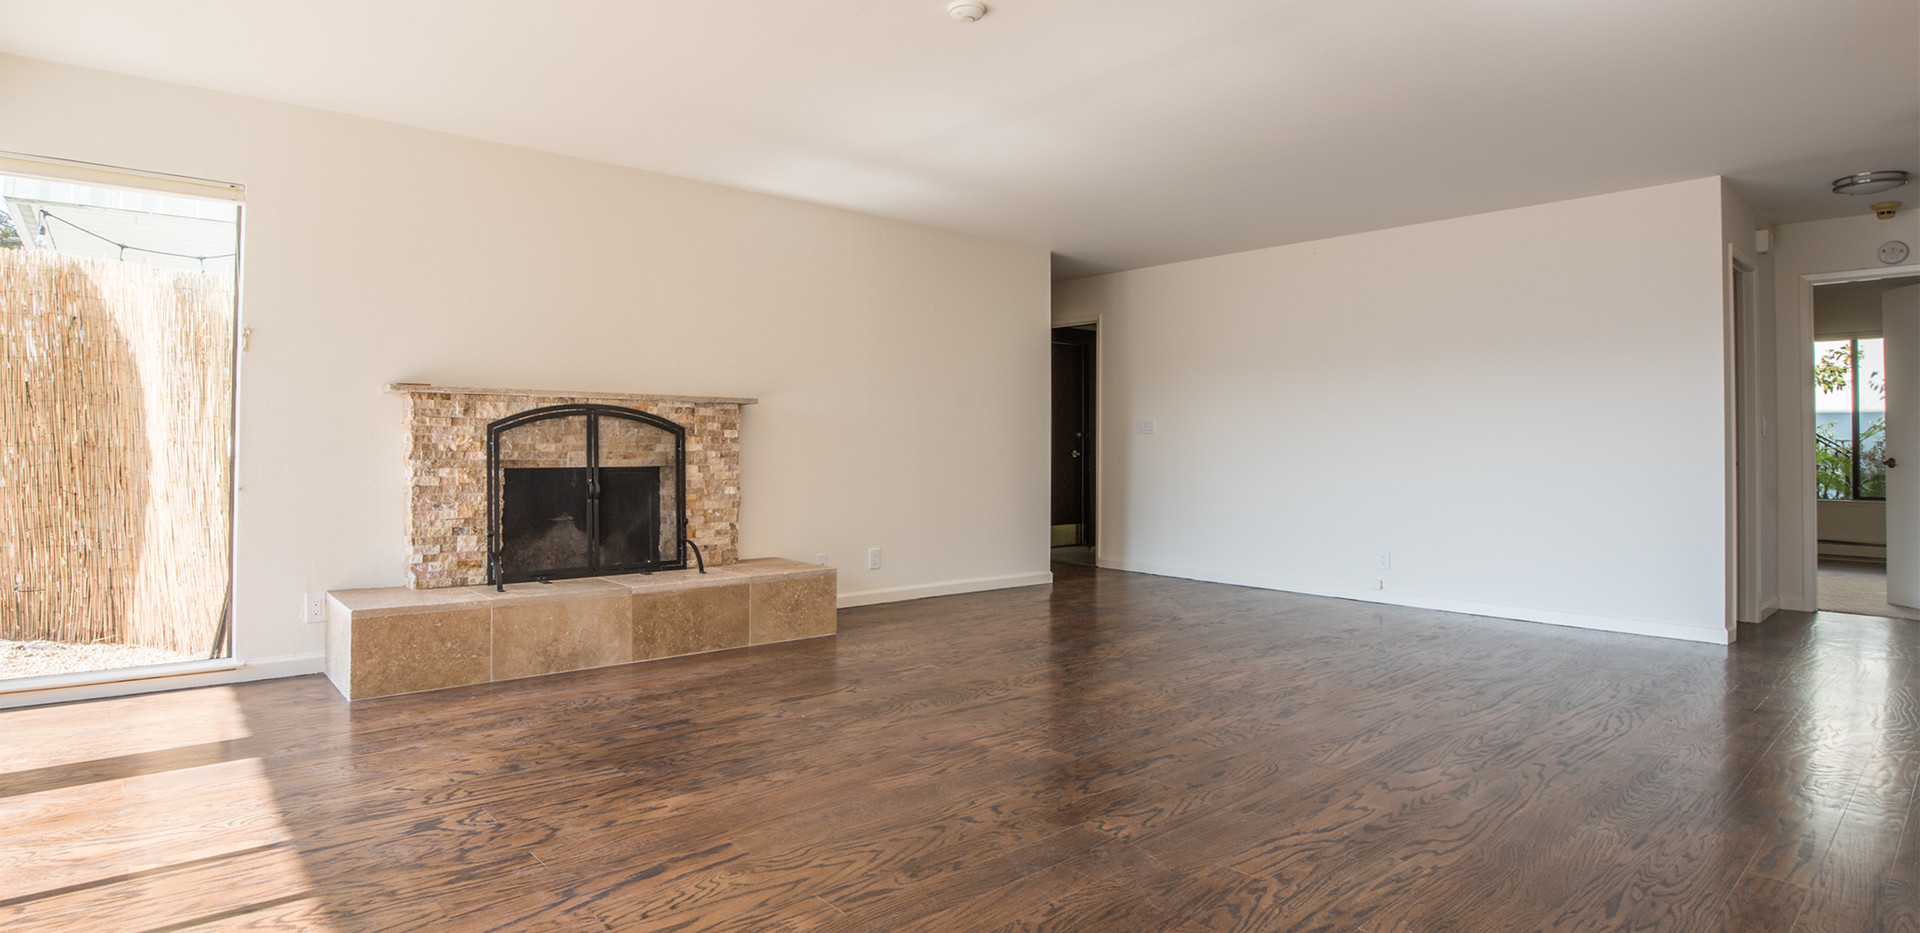 Lyford #12 Living Room 3.jpg